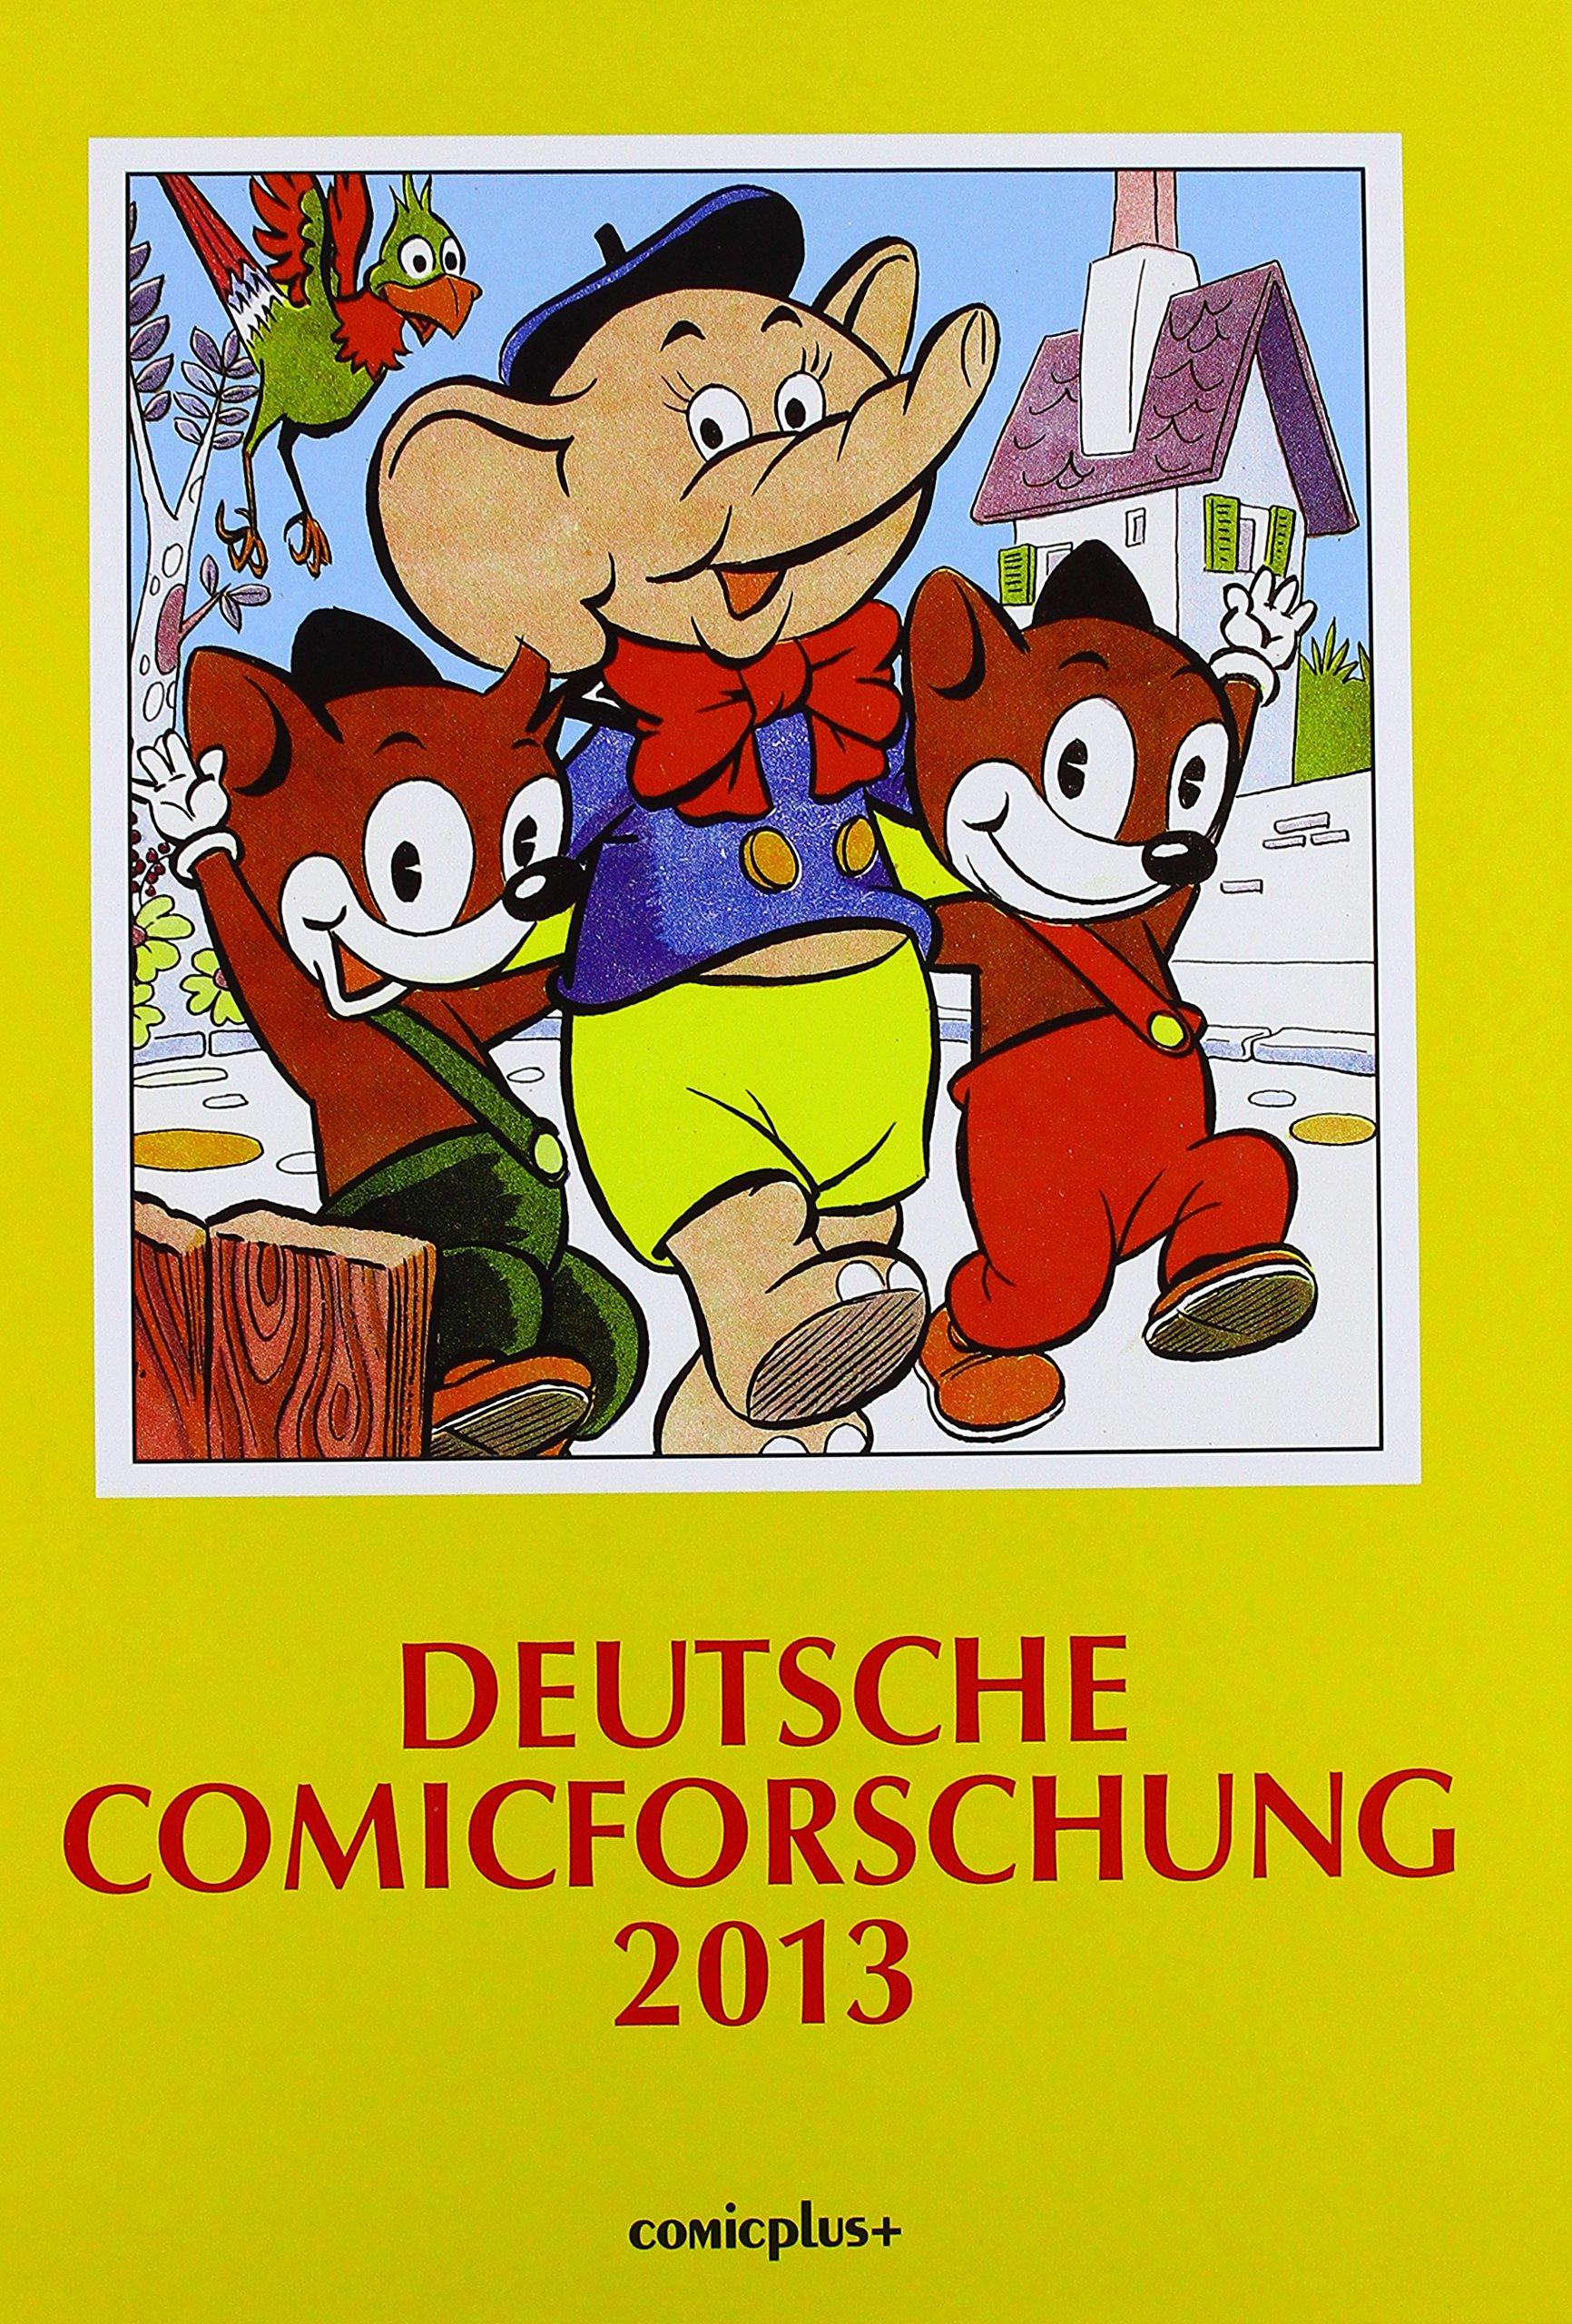 Deutsche Comicforschung 2013